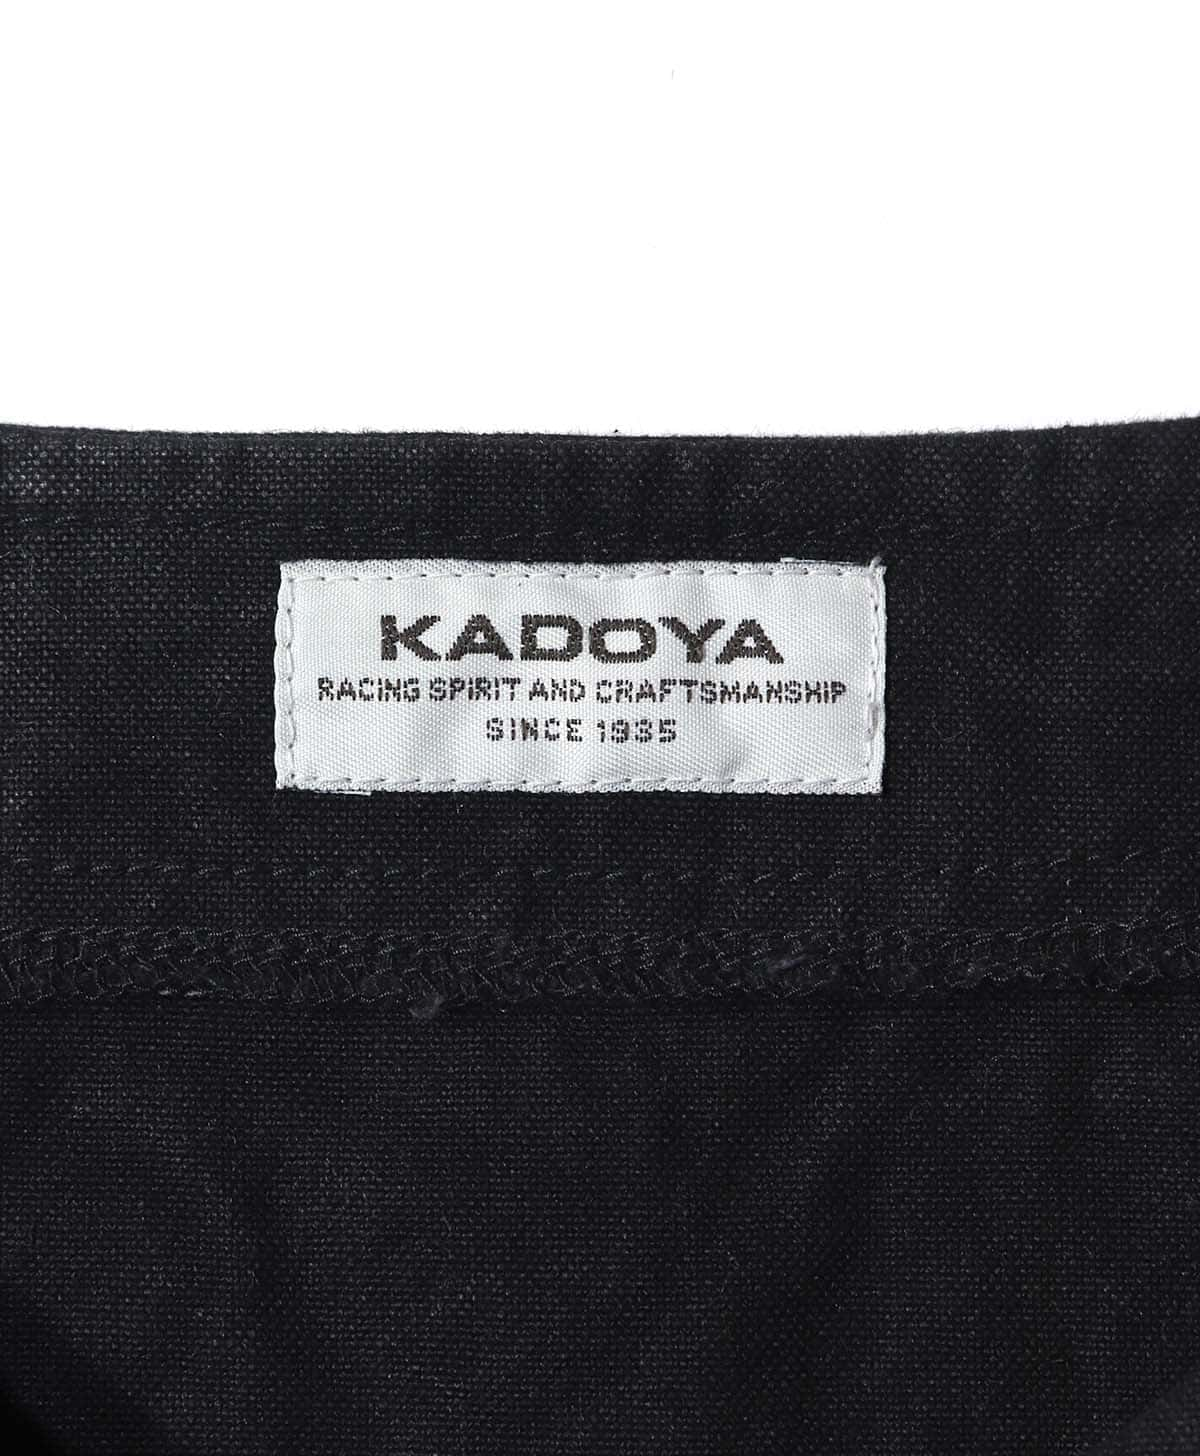 KADOYA(カドヤ) RIDERS WORK VEST ライダースワークベスト ダッグ生地ベスト ベージュ